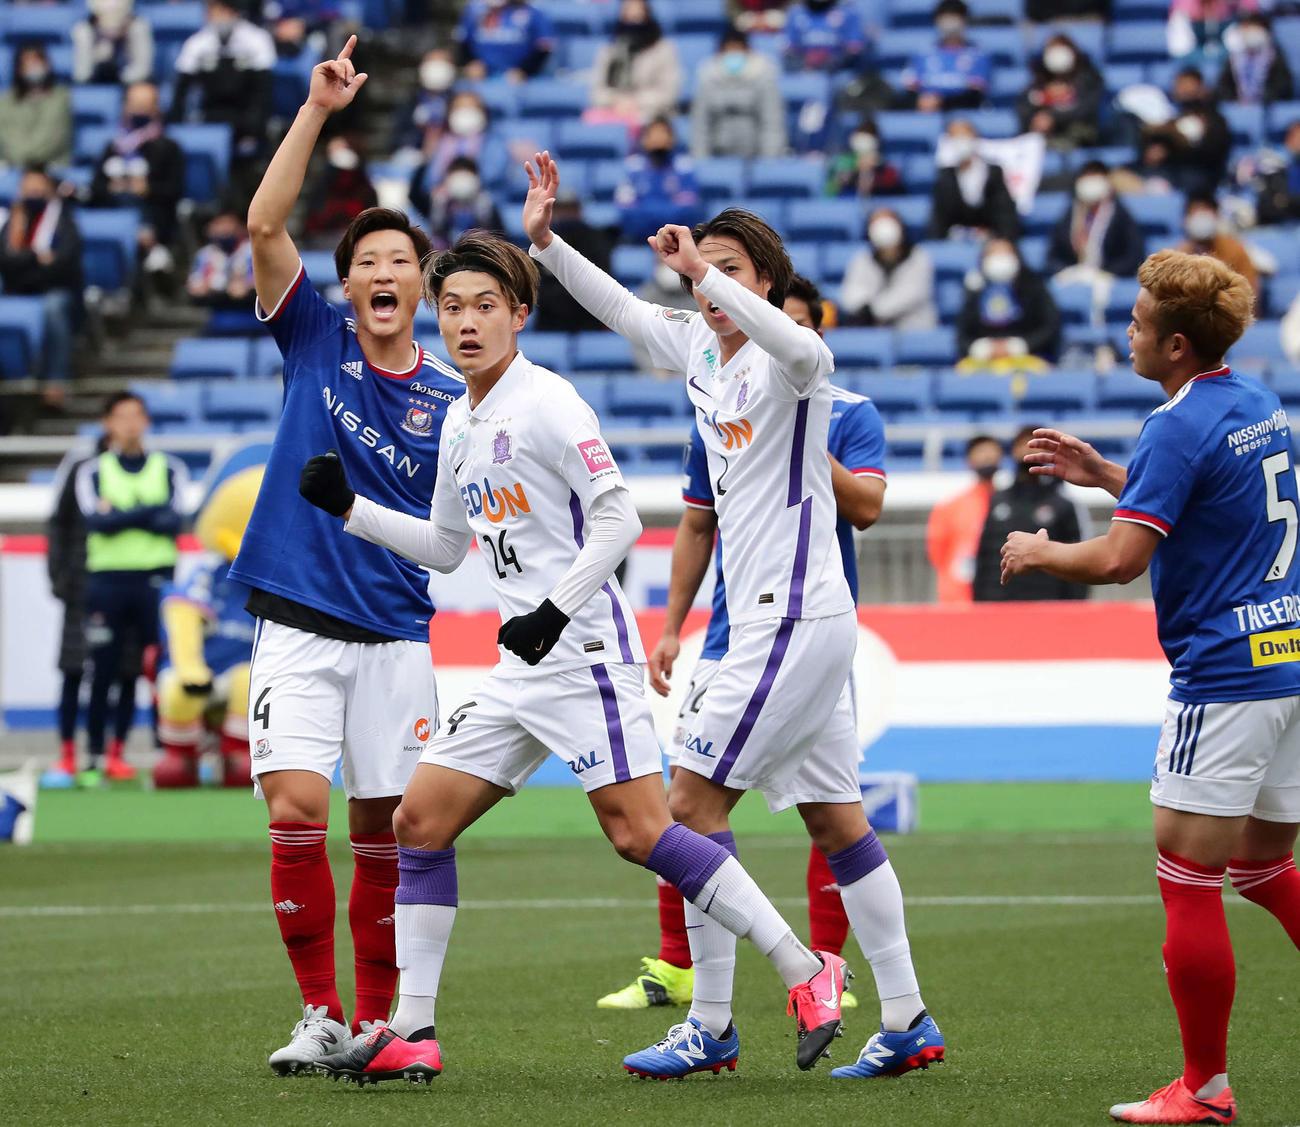 横浜対広島 前半、セットプレーから2点目のゴールを決めた広島DF東俊希(中央)(撮影・丹羽敏通)